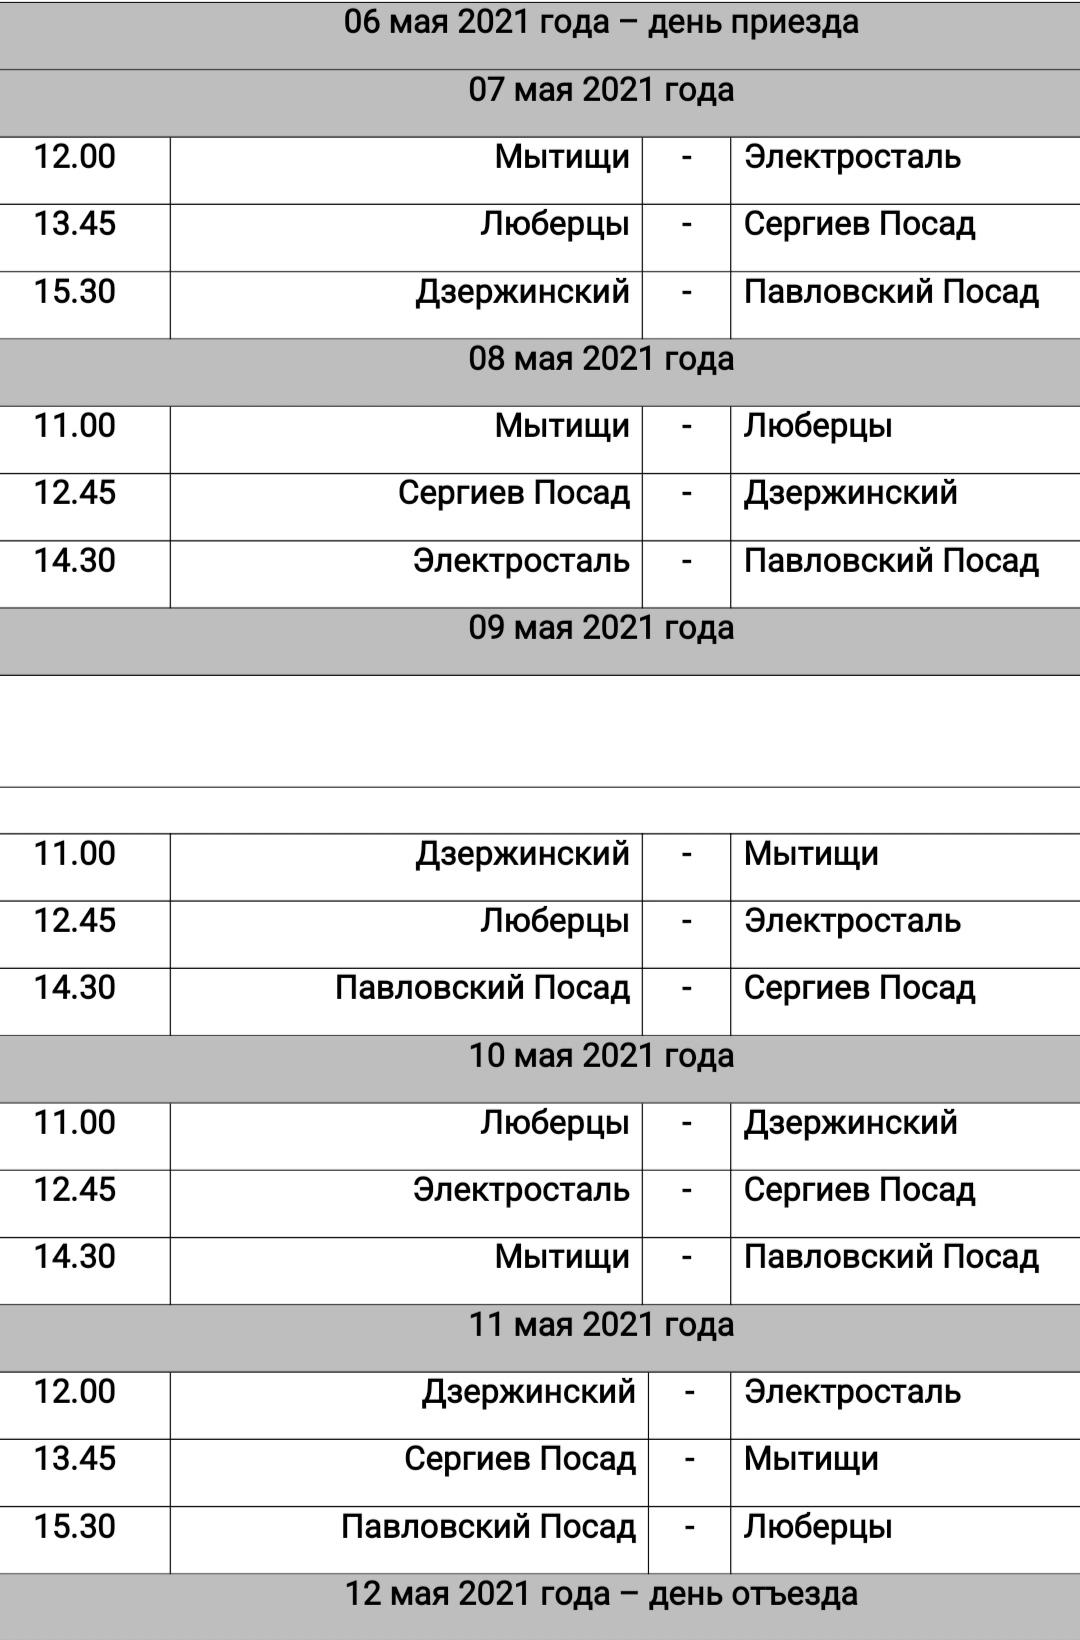 Всероссийские соревнования по баскетболу